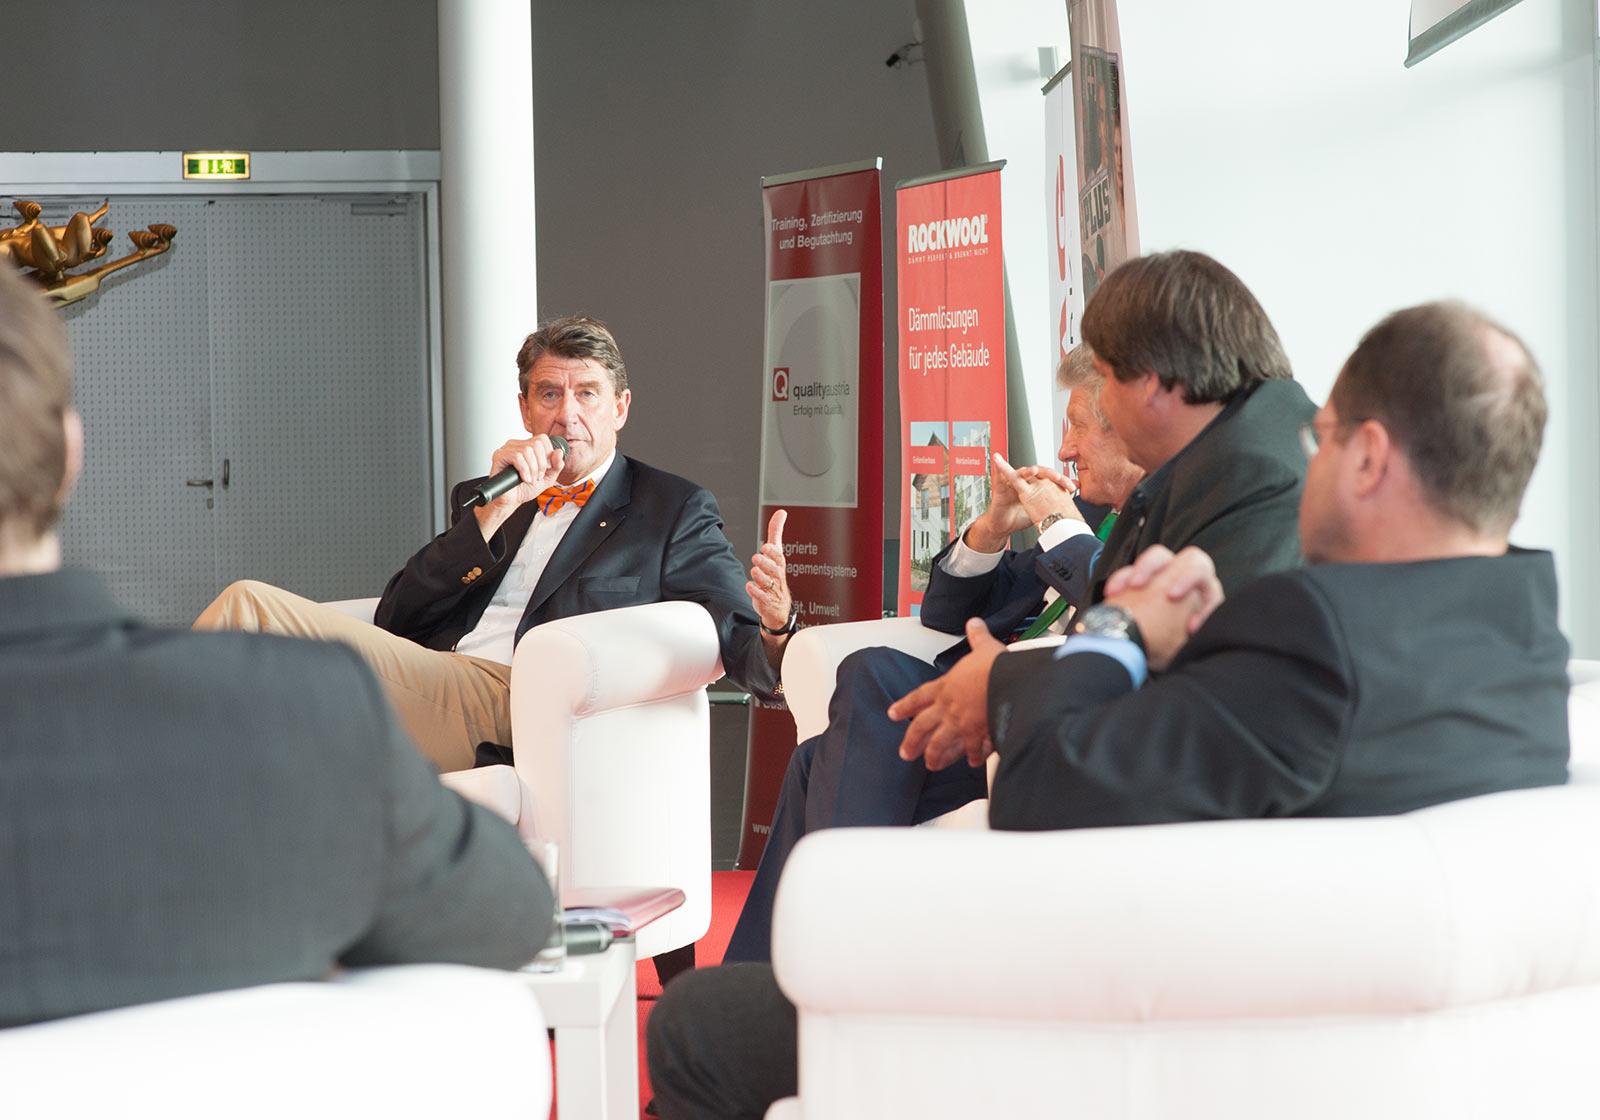 ATP CEO, Prof. Christoph M. Achammer im Gespräch. Foto: Milena Krobath